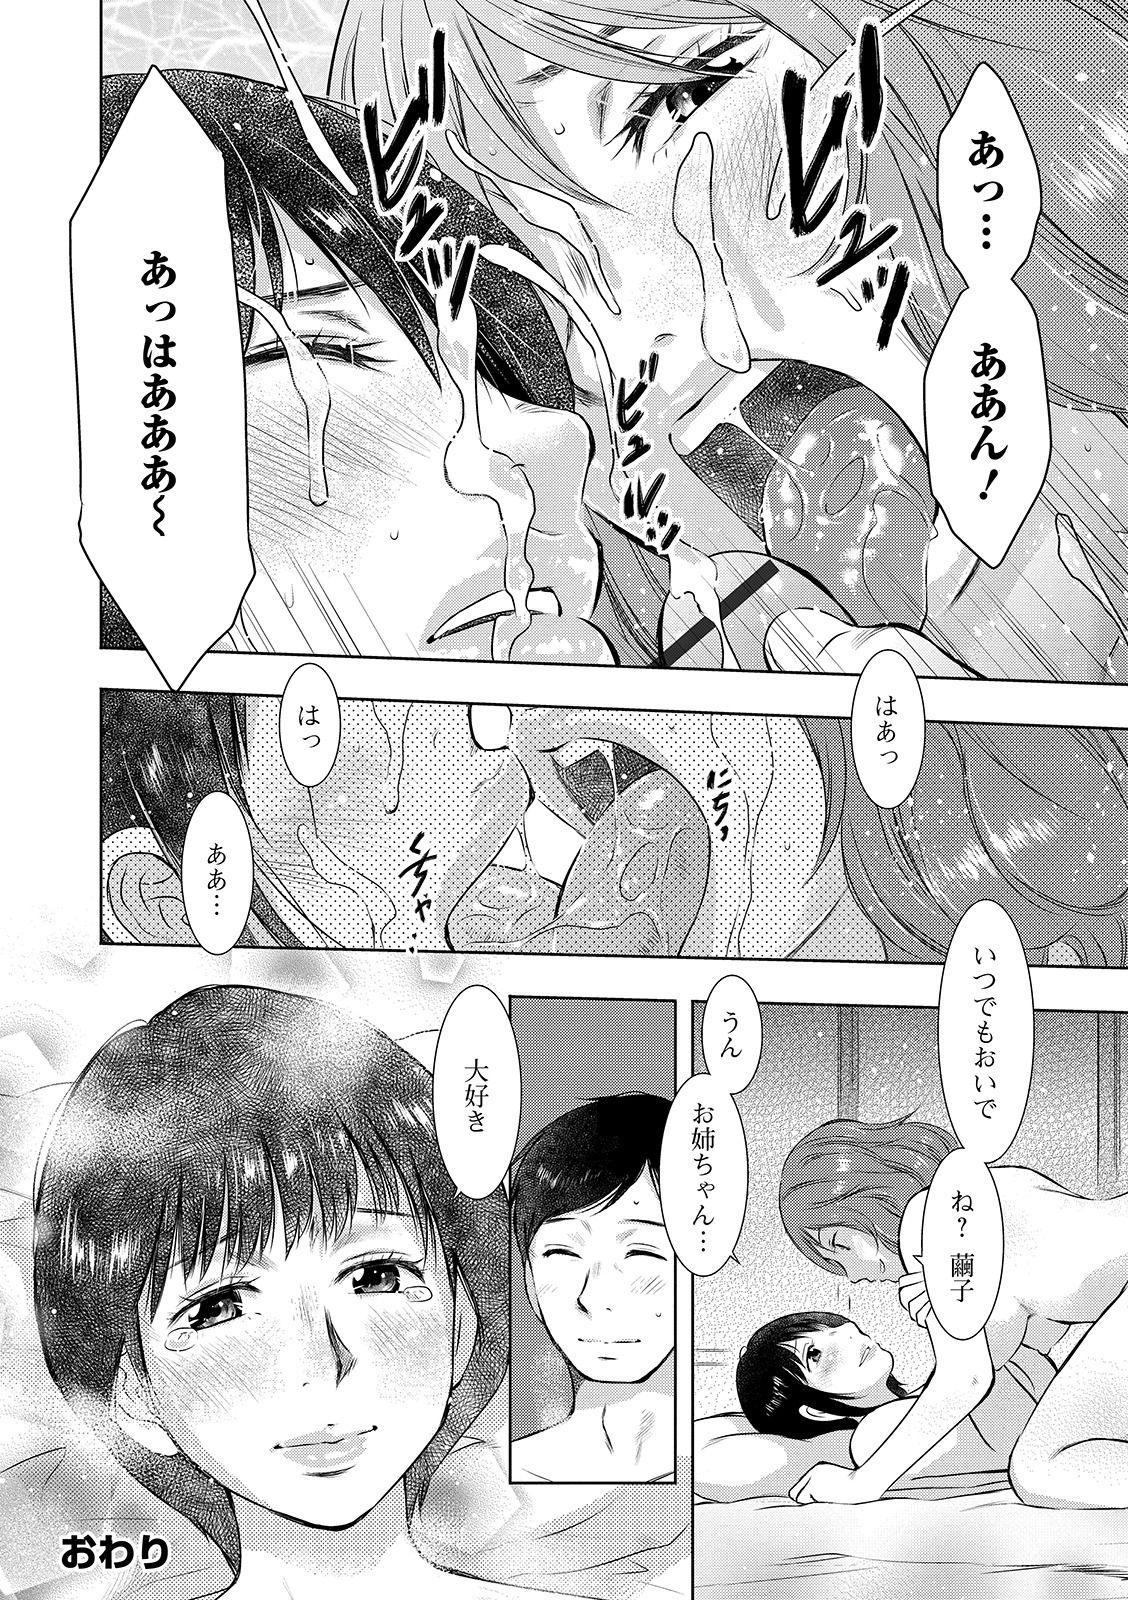 Web Haishin Gekkan Tonari no Kininaru Oku-san Vol. 033 17